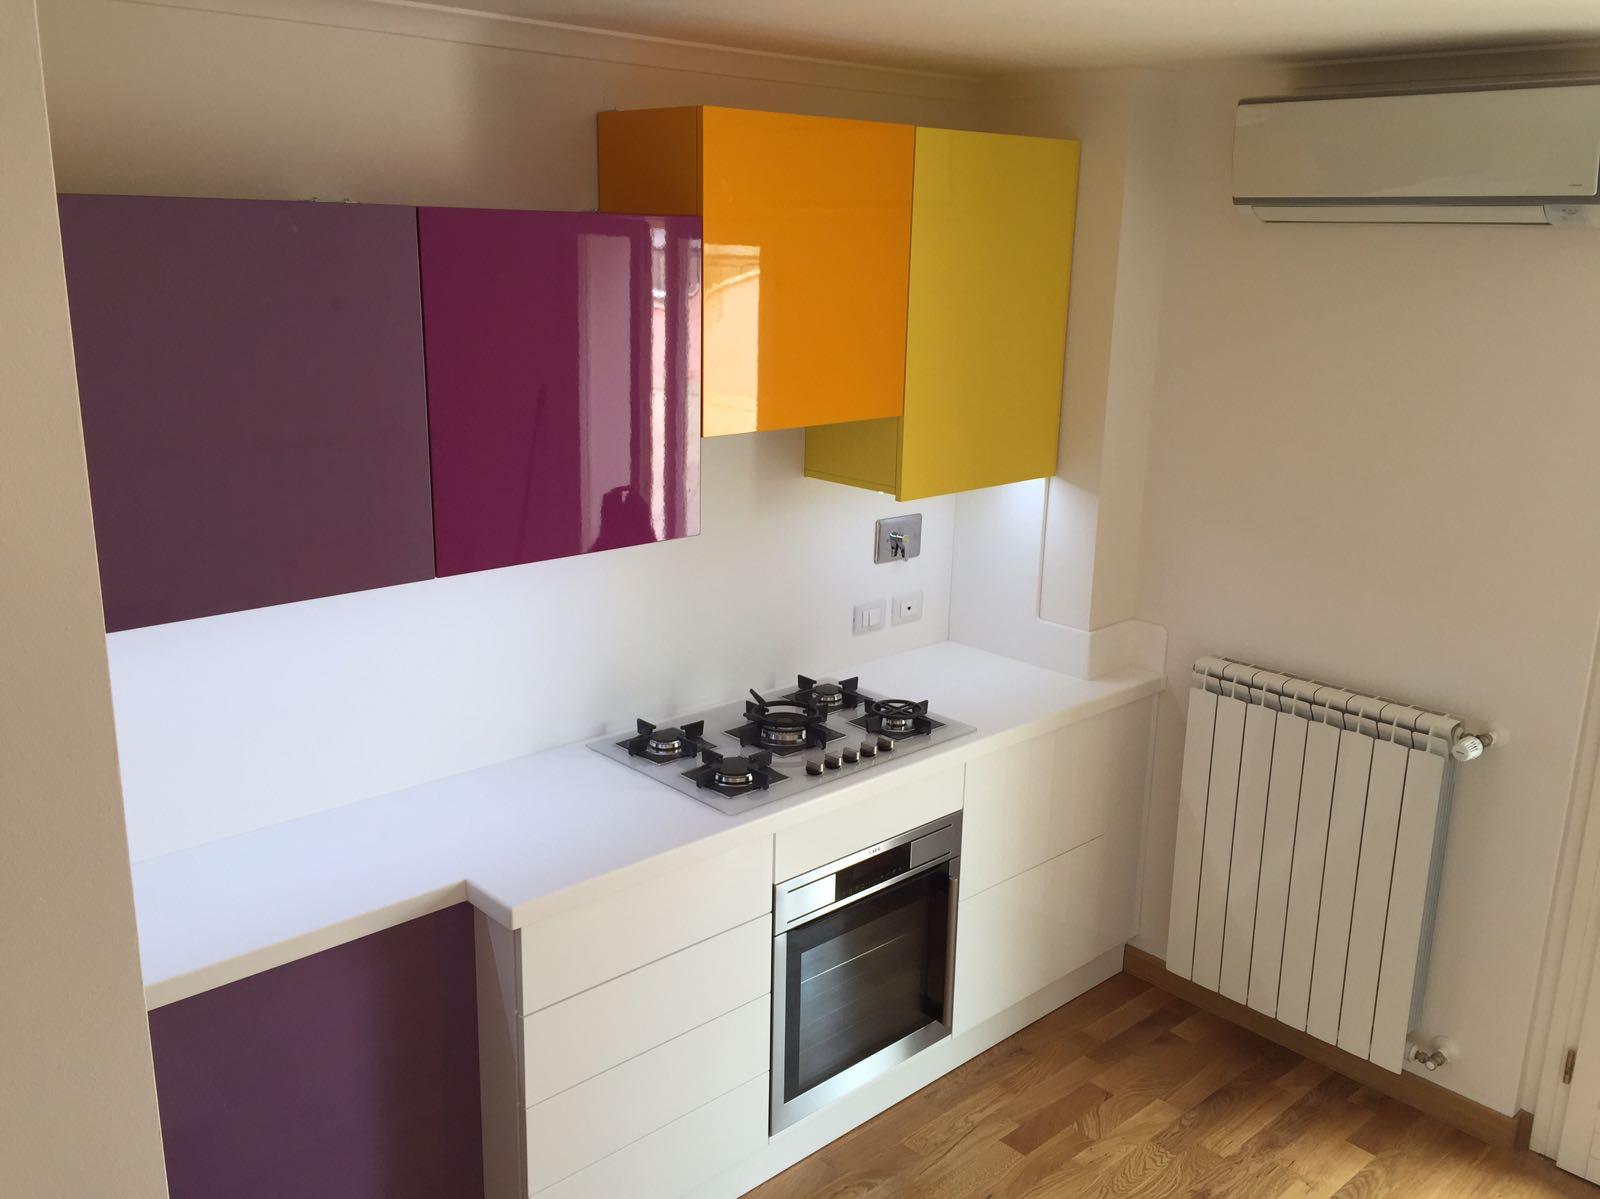 Falegnamerie artigianali cucine su misura per piccoli spazi - Cucine piccoli spazi ...